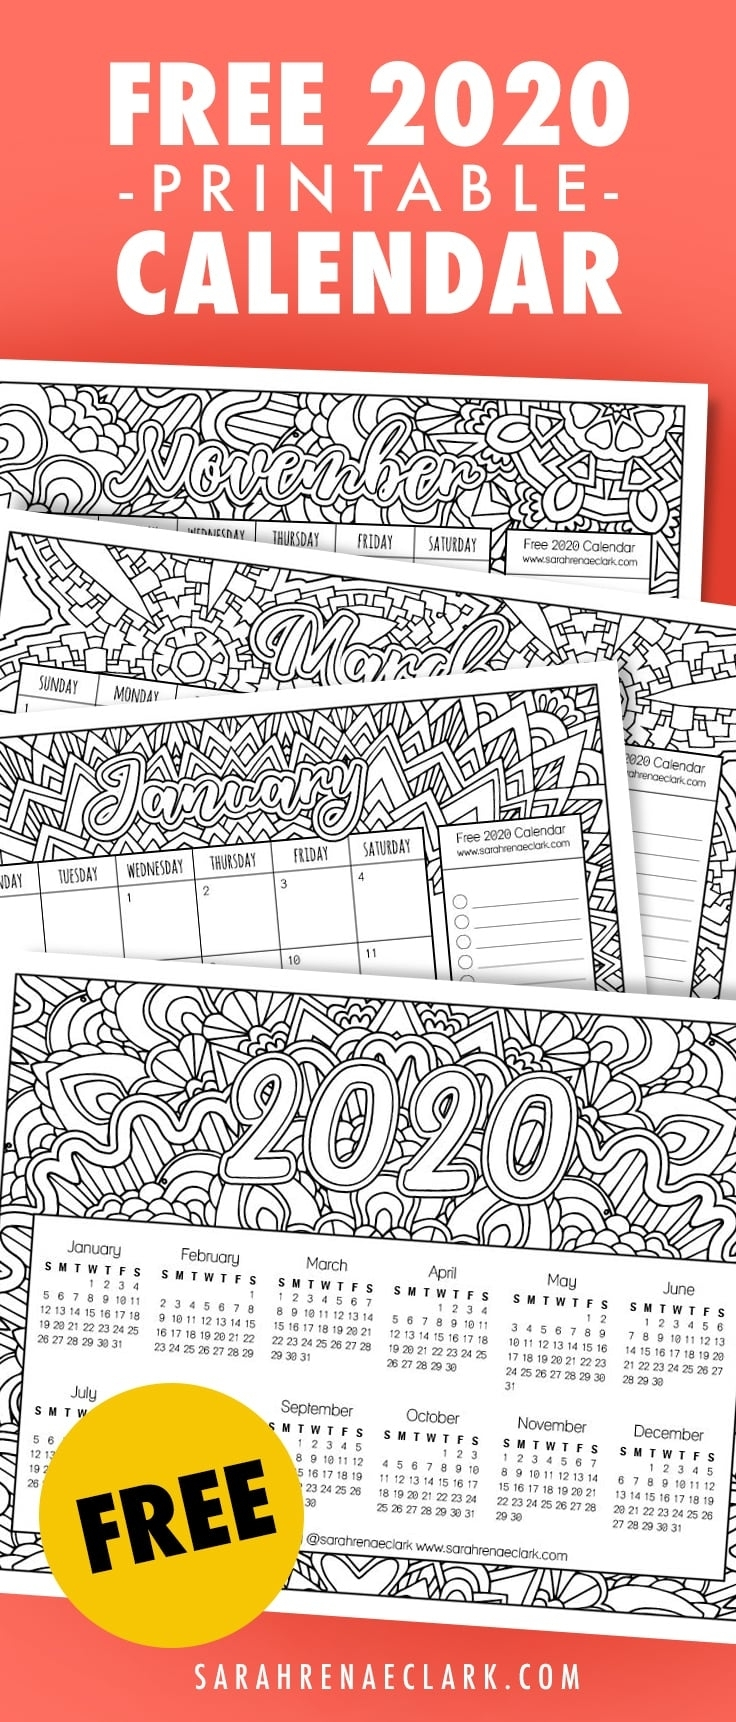 Free 2020 Printable Coloring Calendar -Sarah Renae Clark throughout Free Printable Coloring Calendar 2020